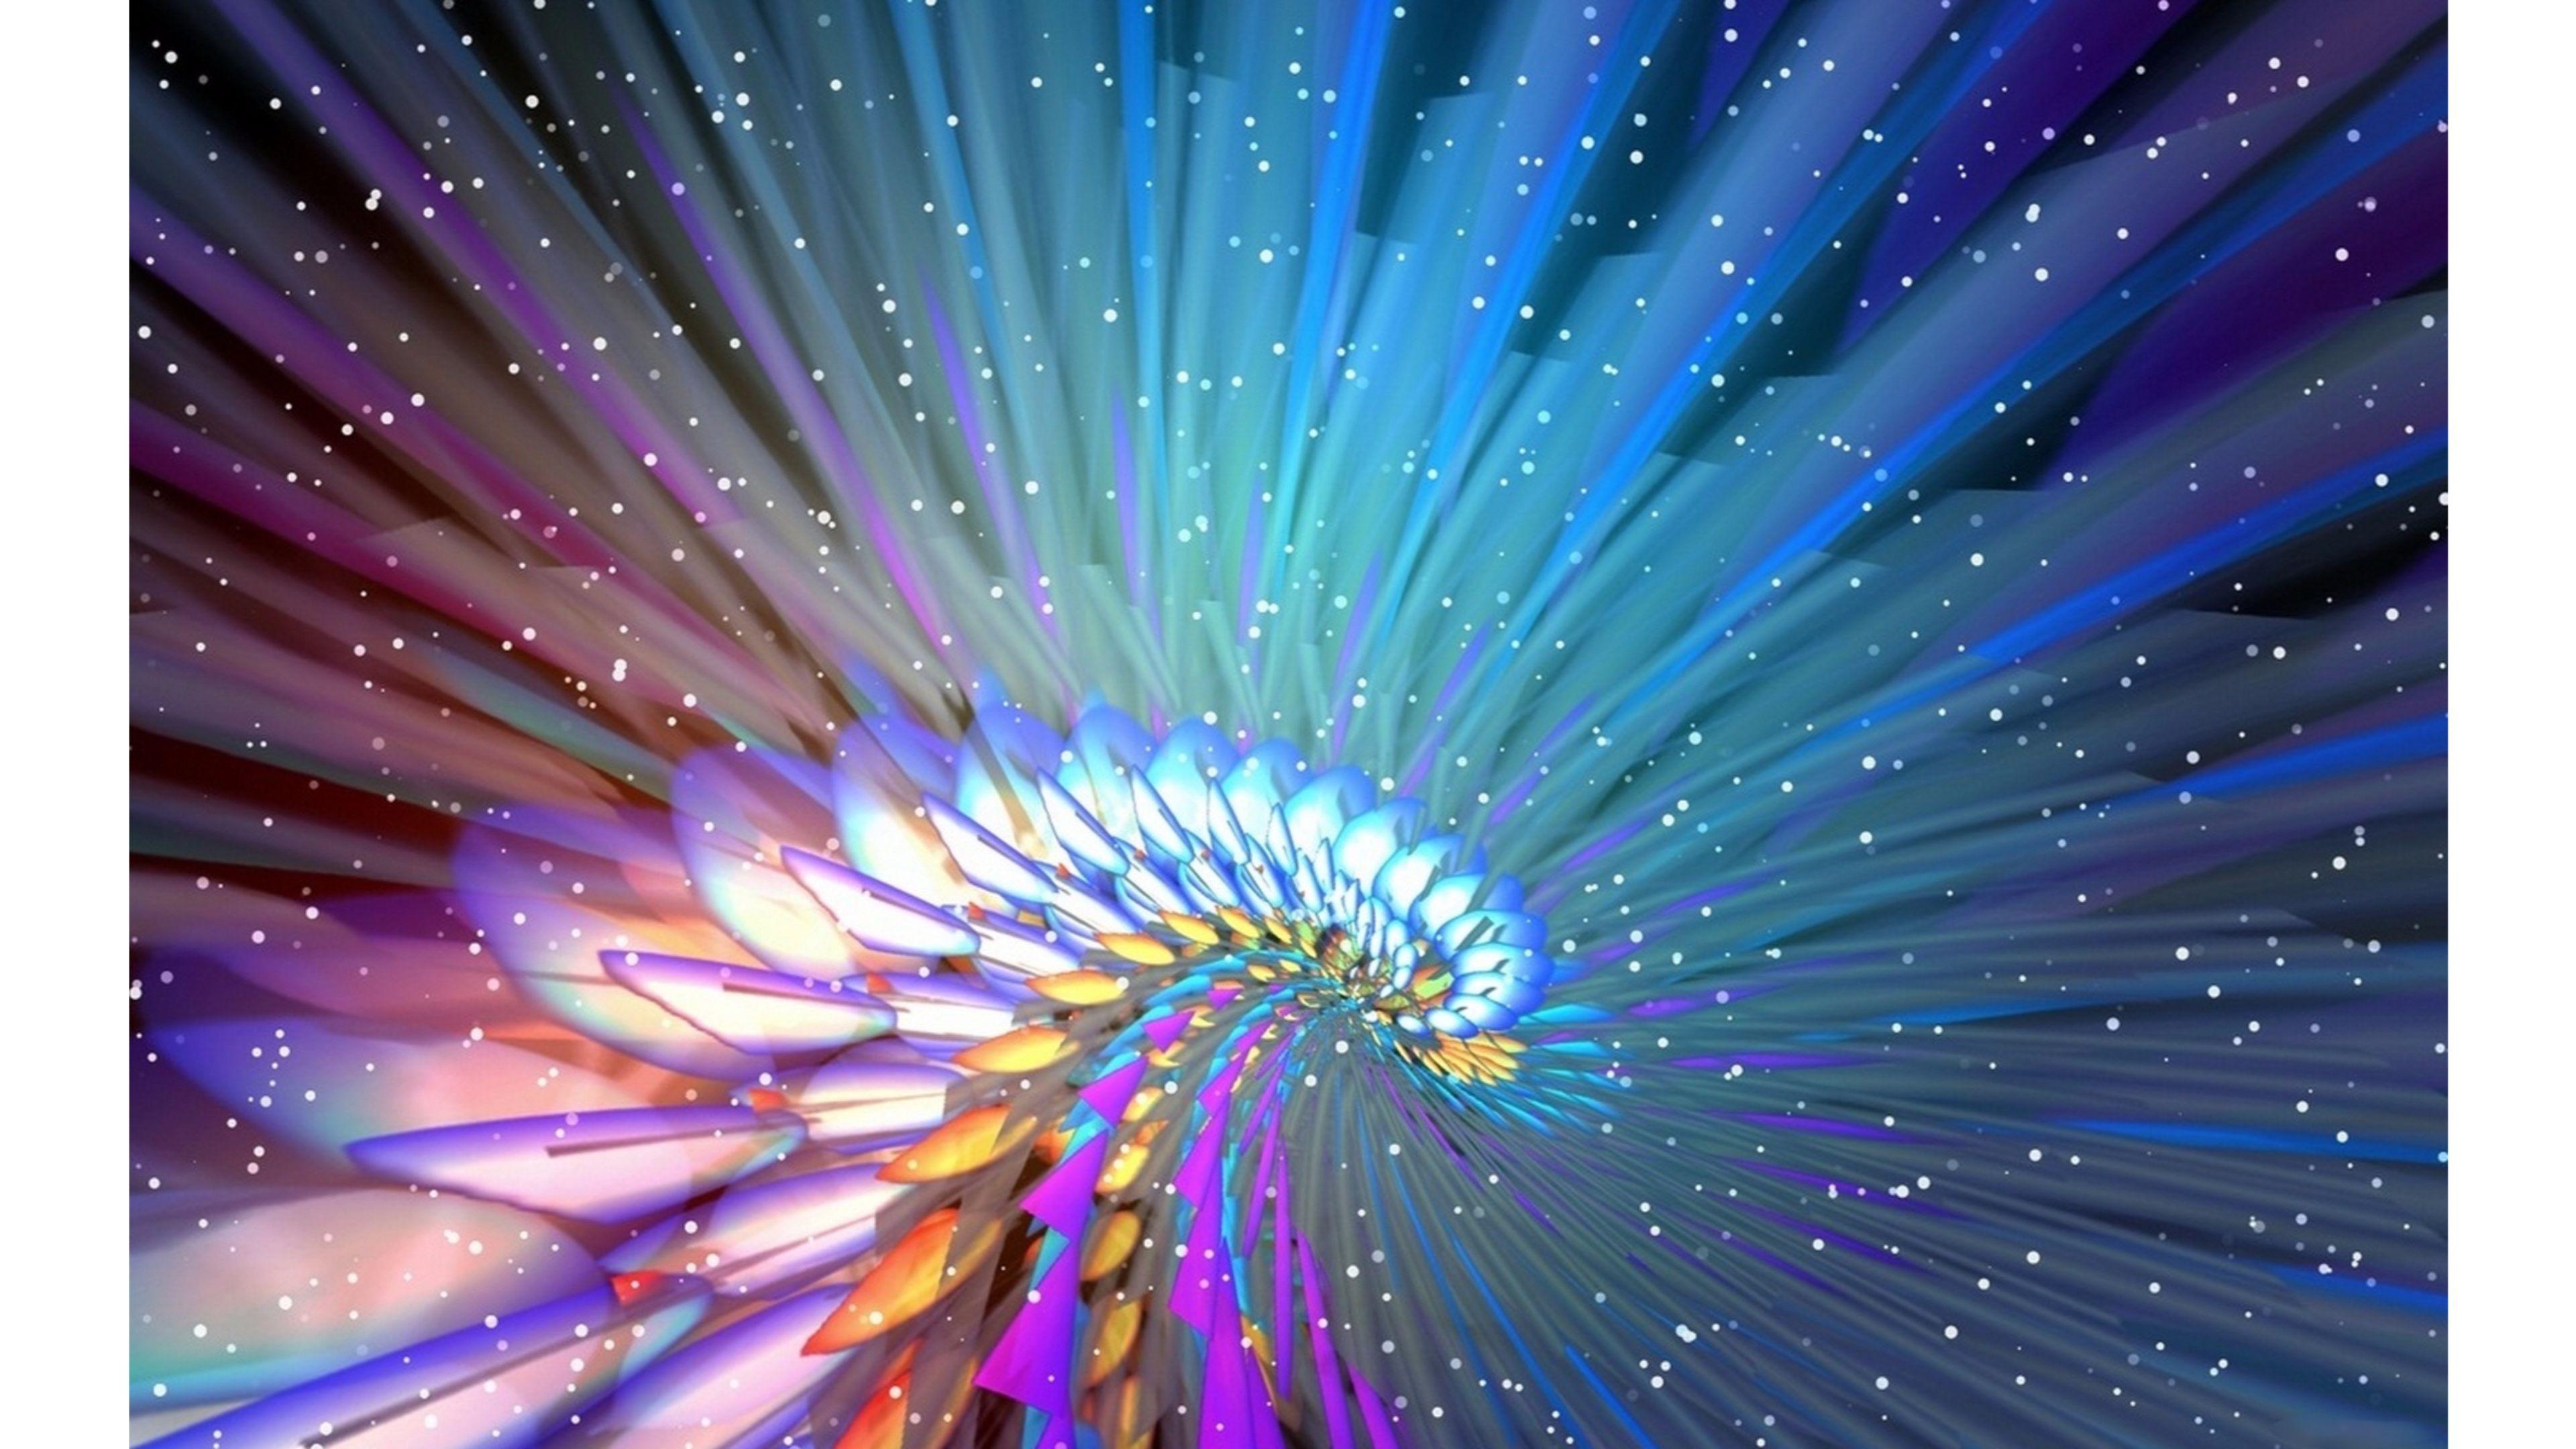 K abstract wallpaper tag download hd wallpaperhd wallpapers hd k abstract wallpaper tag download hd wallpaperhd wallpapers voltagebd Choice Image